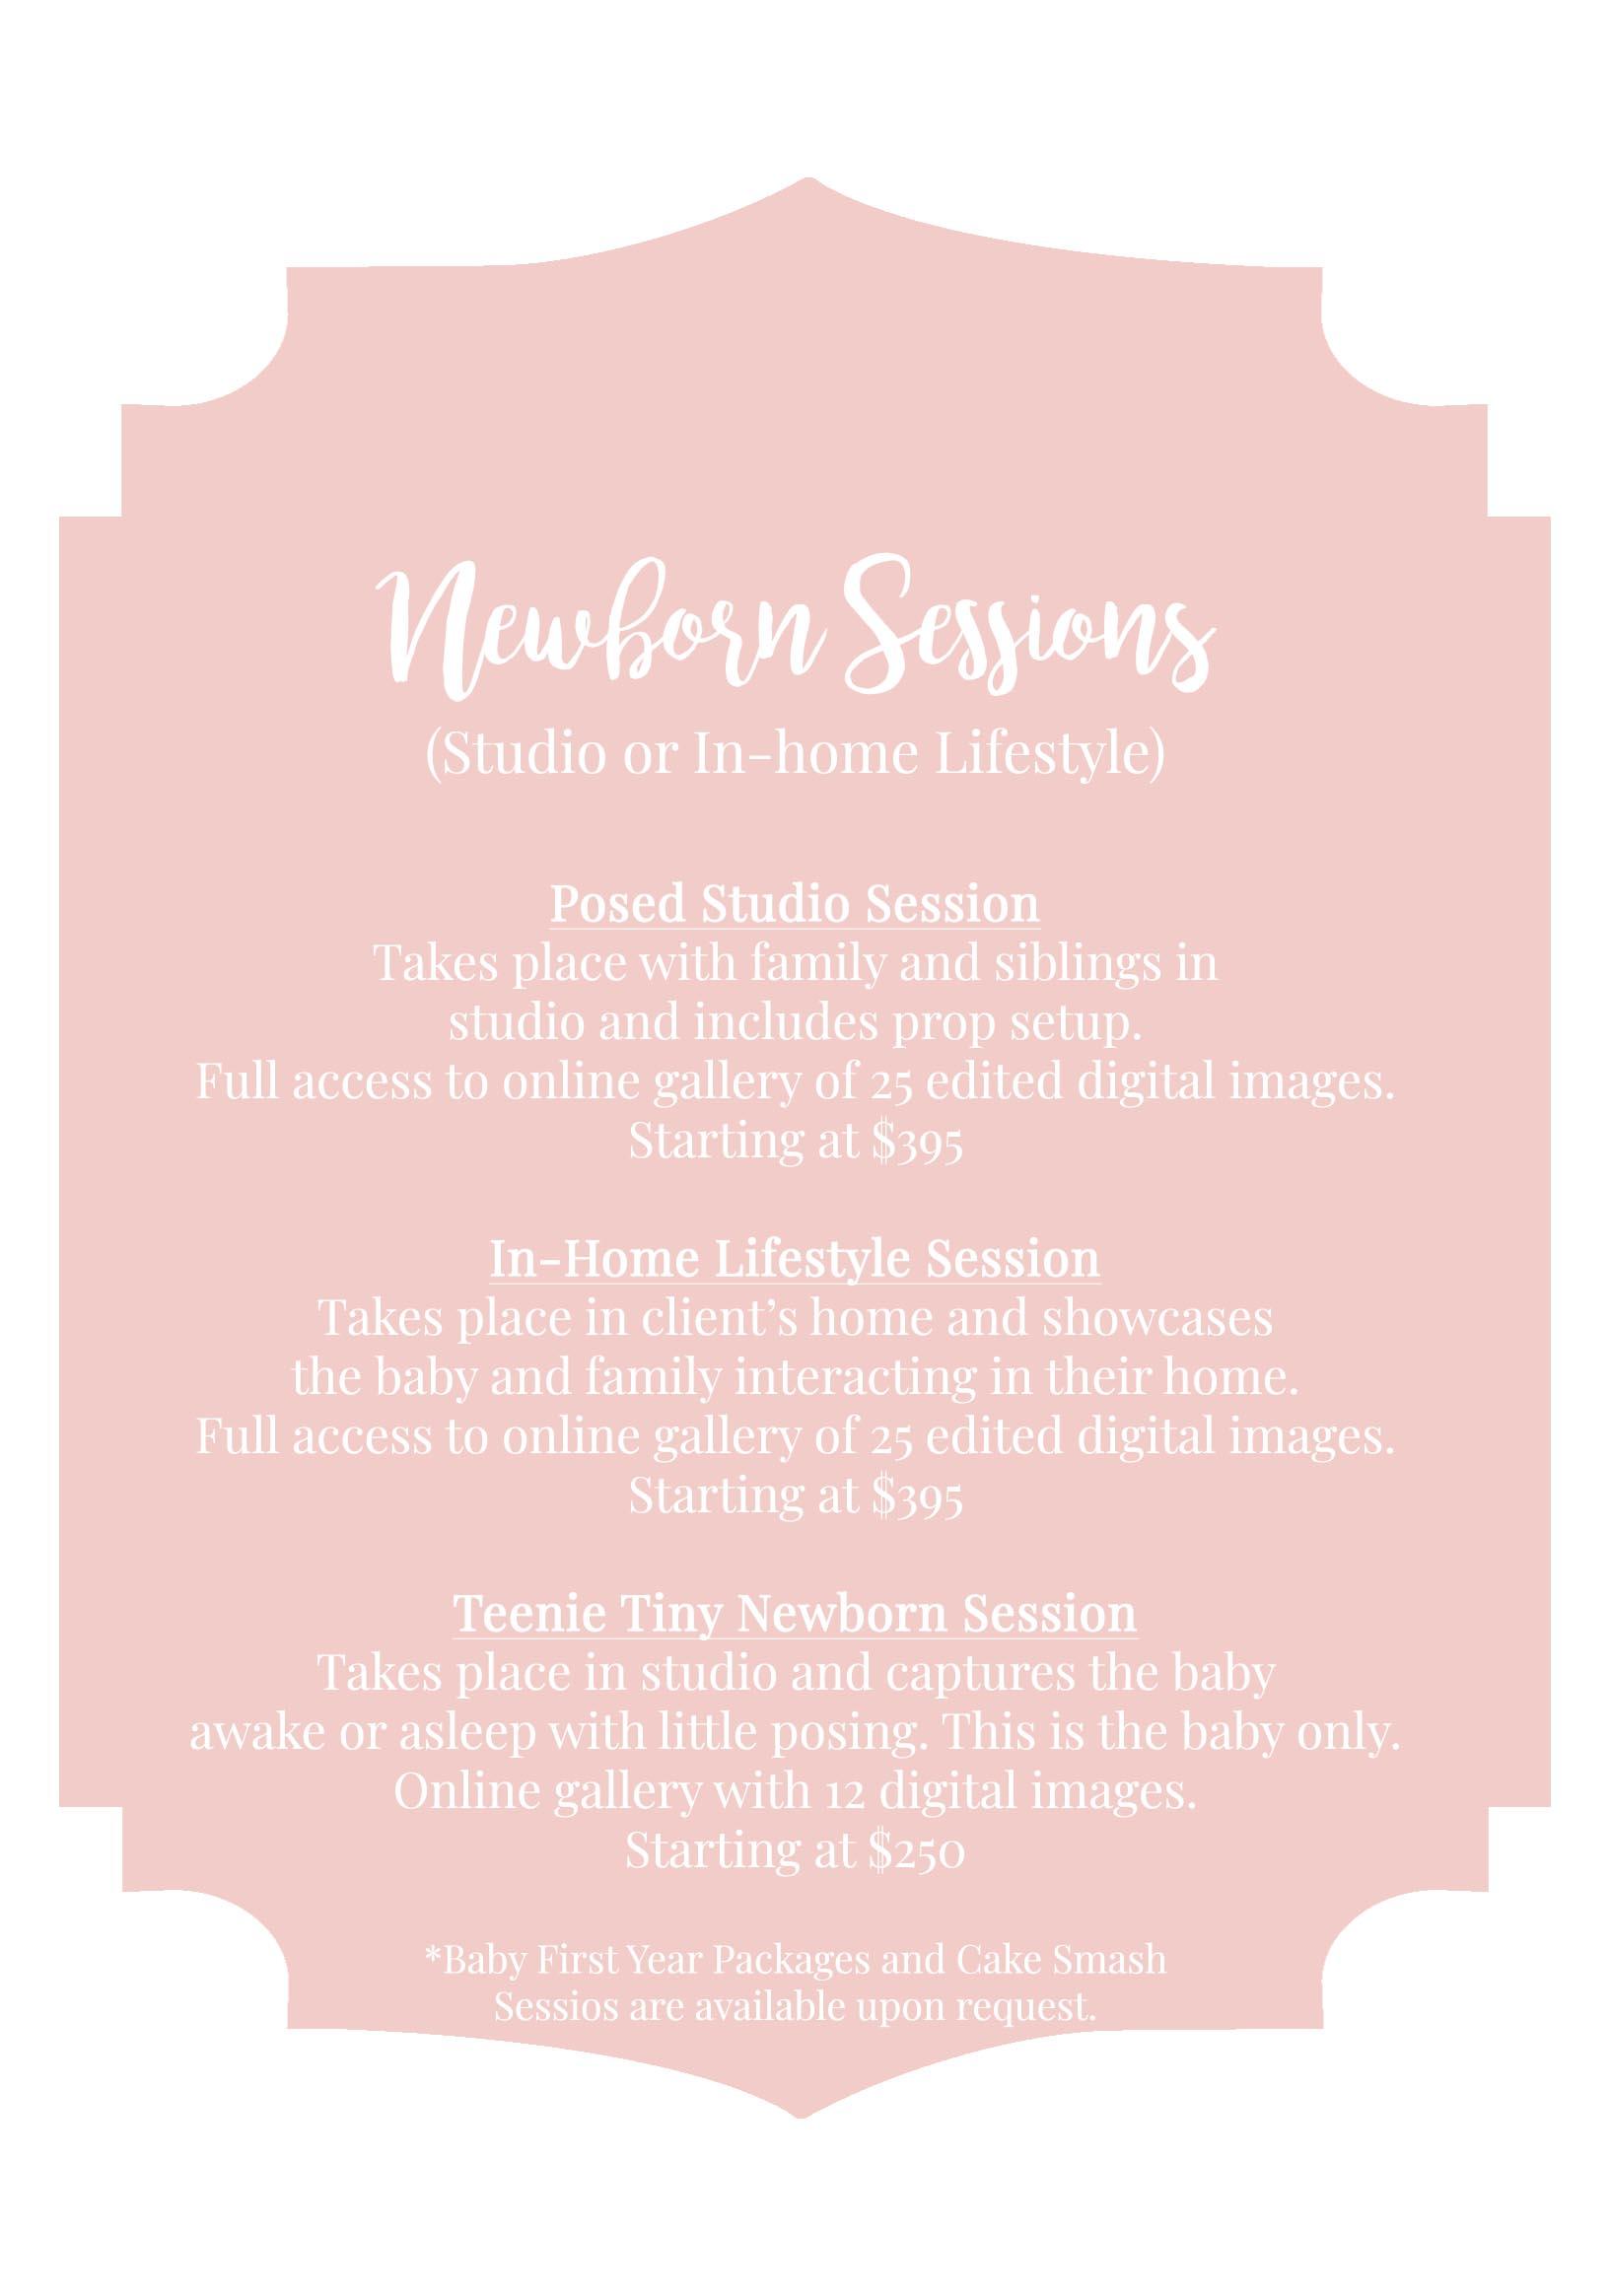 newborn-sessions.jpg